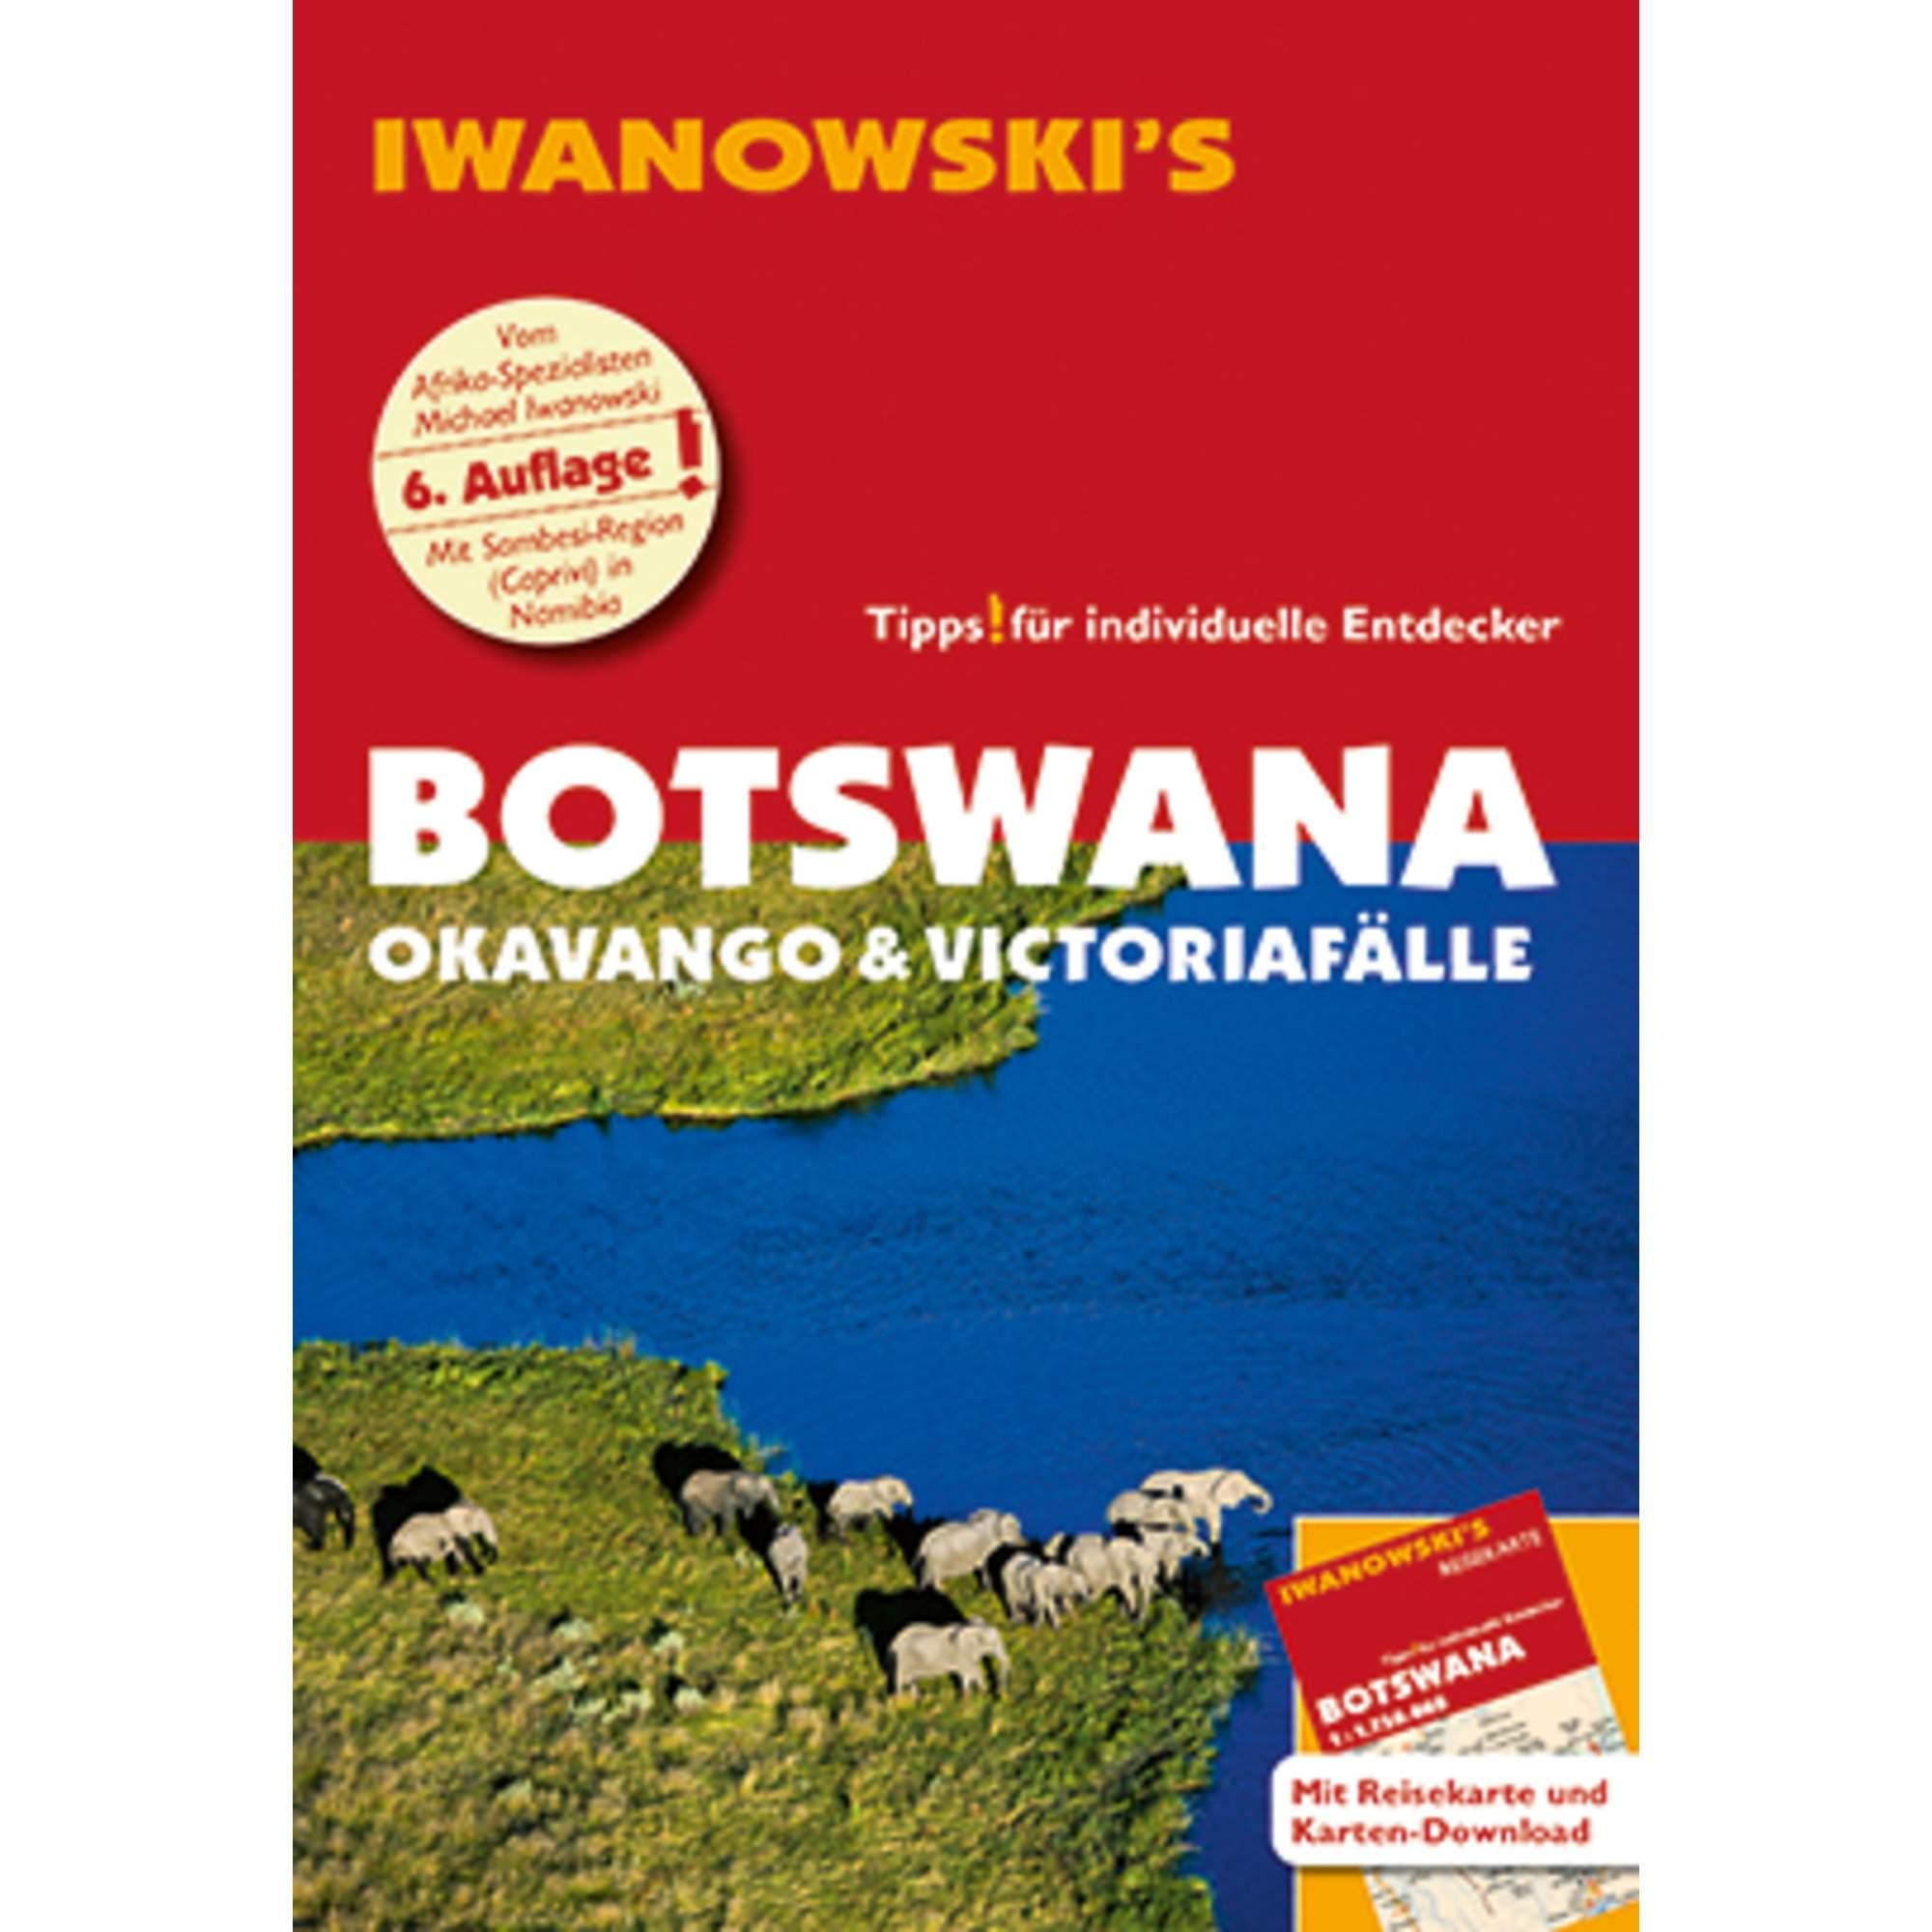 BOTSWANA - OKAVANGO &  VICTORIAFÄLLE, 22,95 Euro